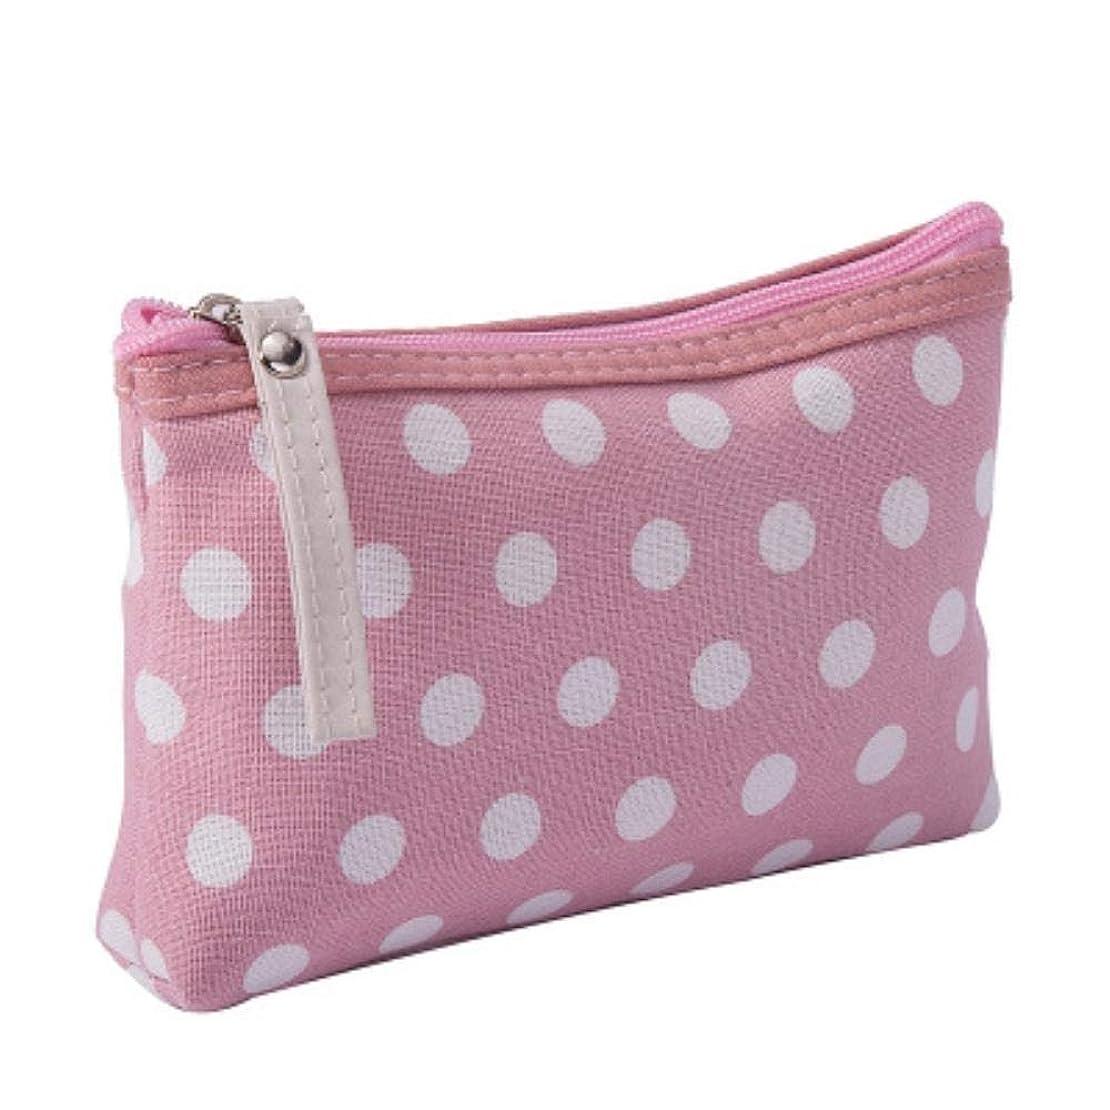 彼らはリスクフェード新しい女性の格子縞のトラベルコスメティックバッグメイクアップバッグハンドバッグ女性ファスナー財布小さな化粧品バッグ旅行ビューティメイクアップ,ピンク